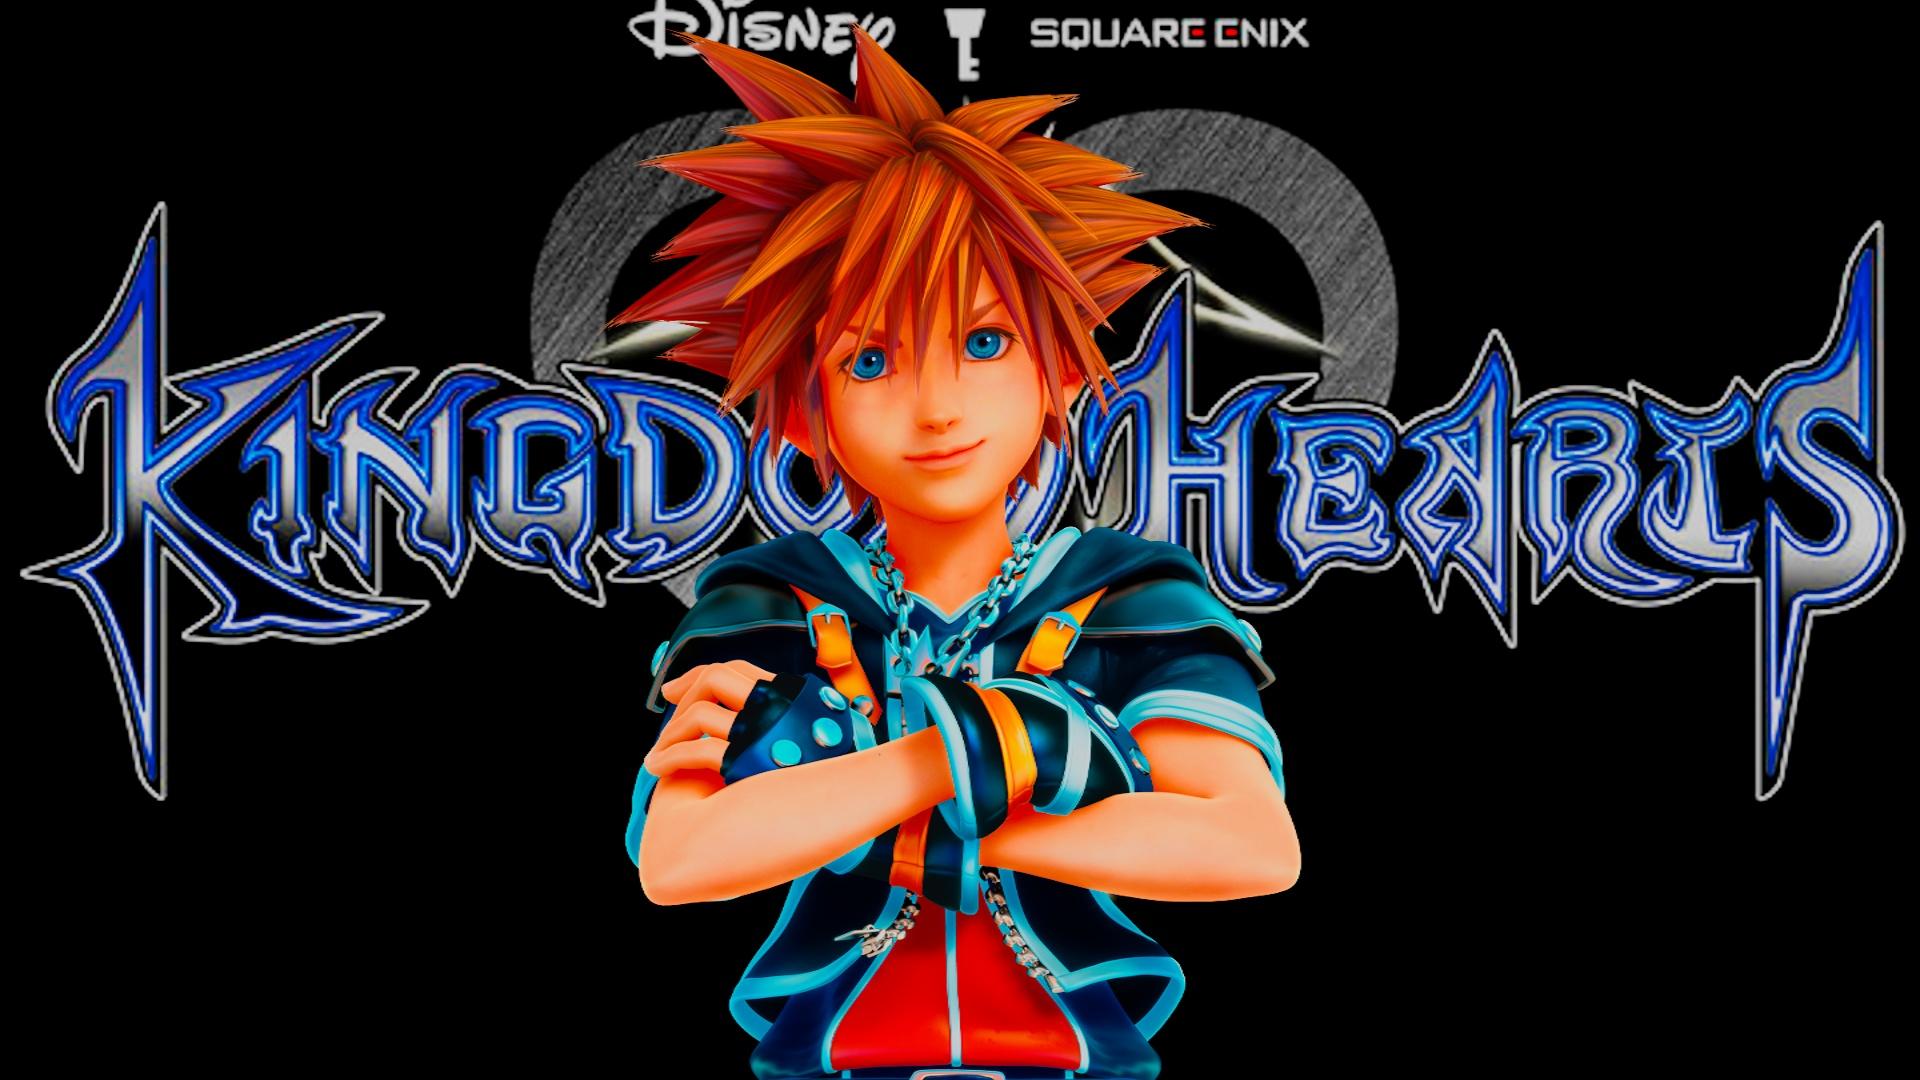 [99+] Kingdom Hearts III Wallpapers on WallpaperSafari